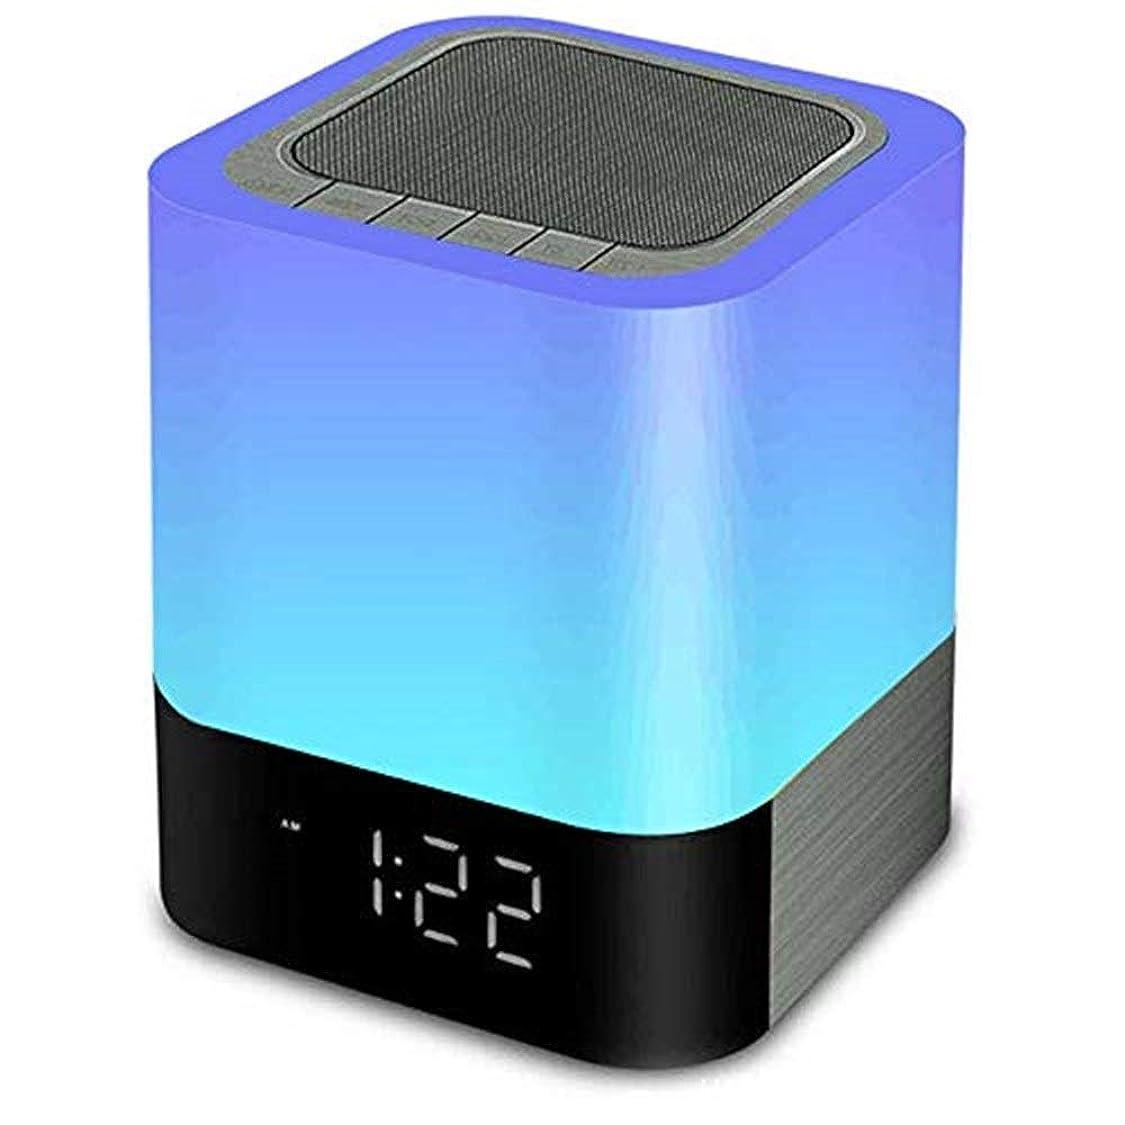 続ける大パントリーFUNXS ナイトライトブルートゥーススピーカー、目覚まし時計付きポータブル調光対応タッチセンサーテーブルランプ、子供のためのMP3音楽プレーヤー、パーティー、寝室、屋外